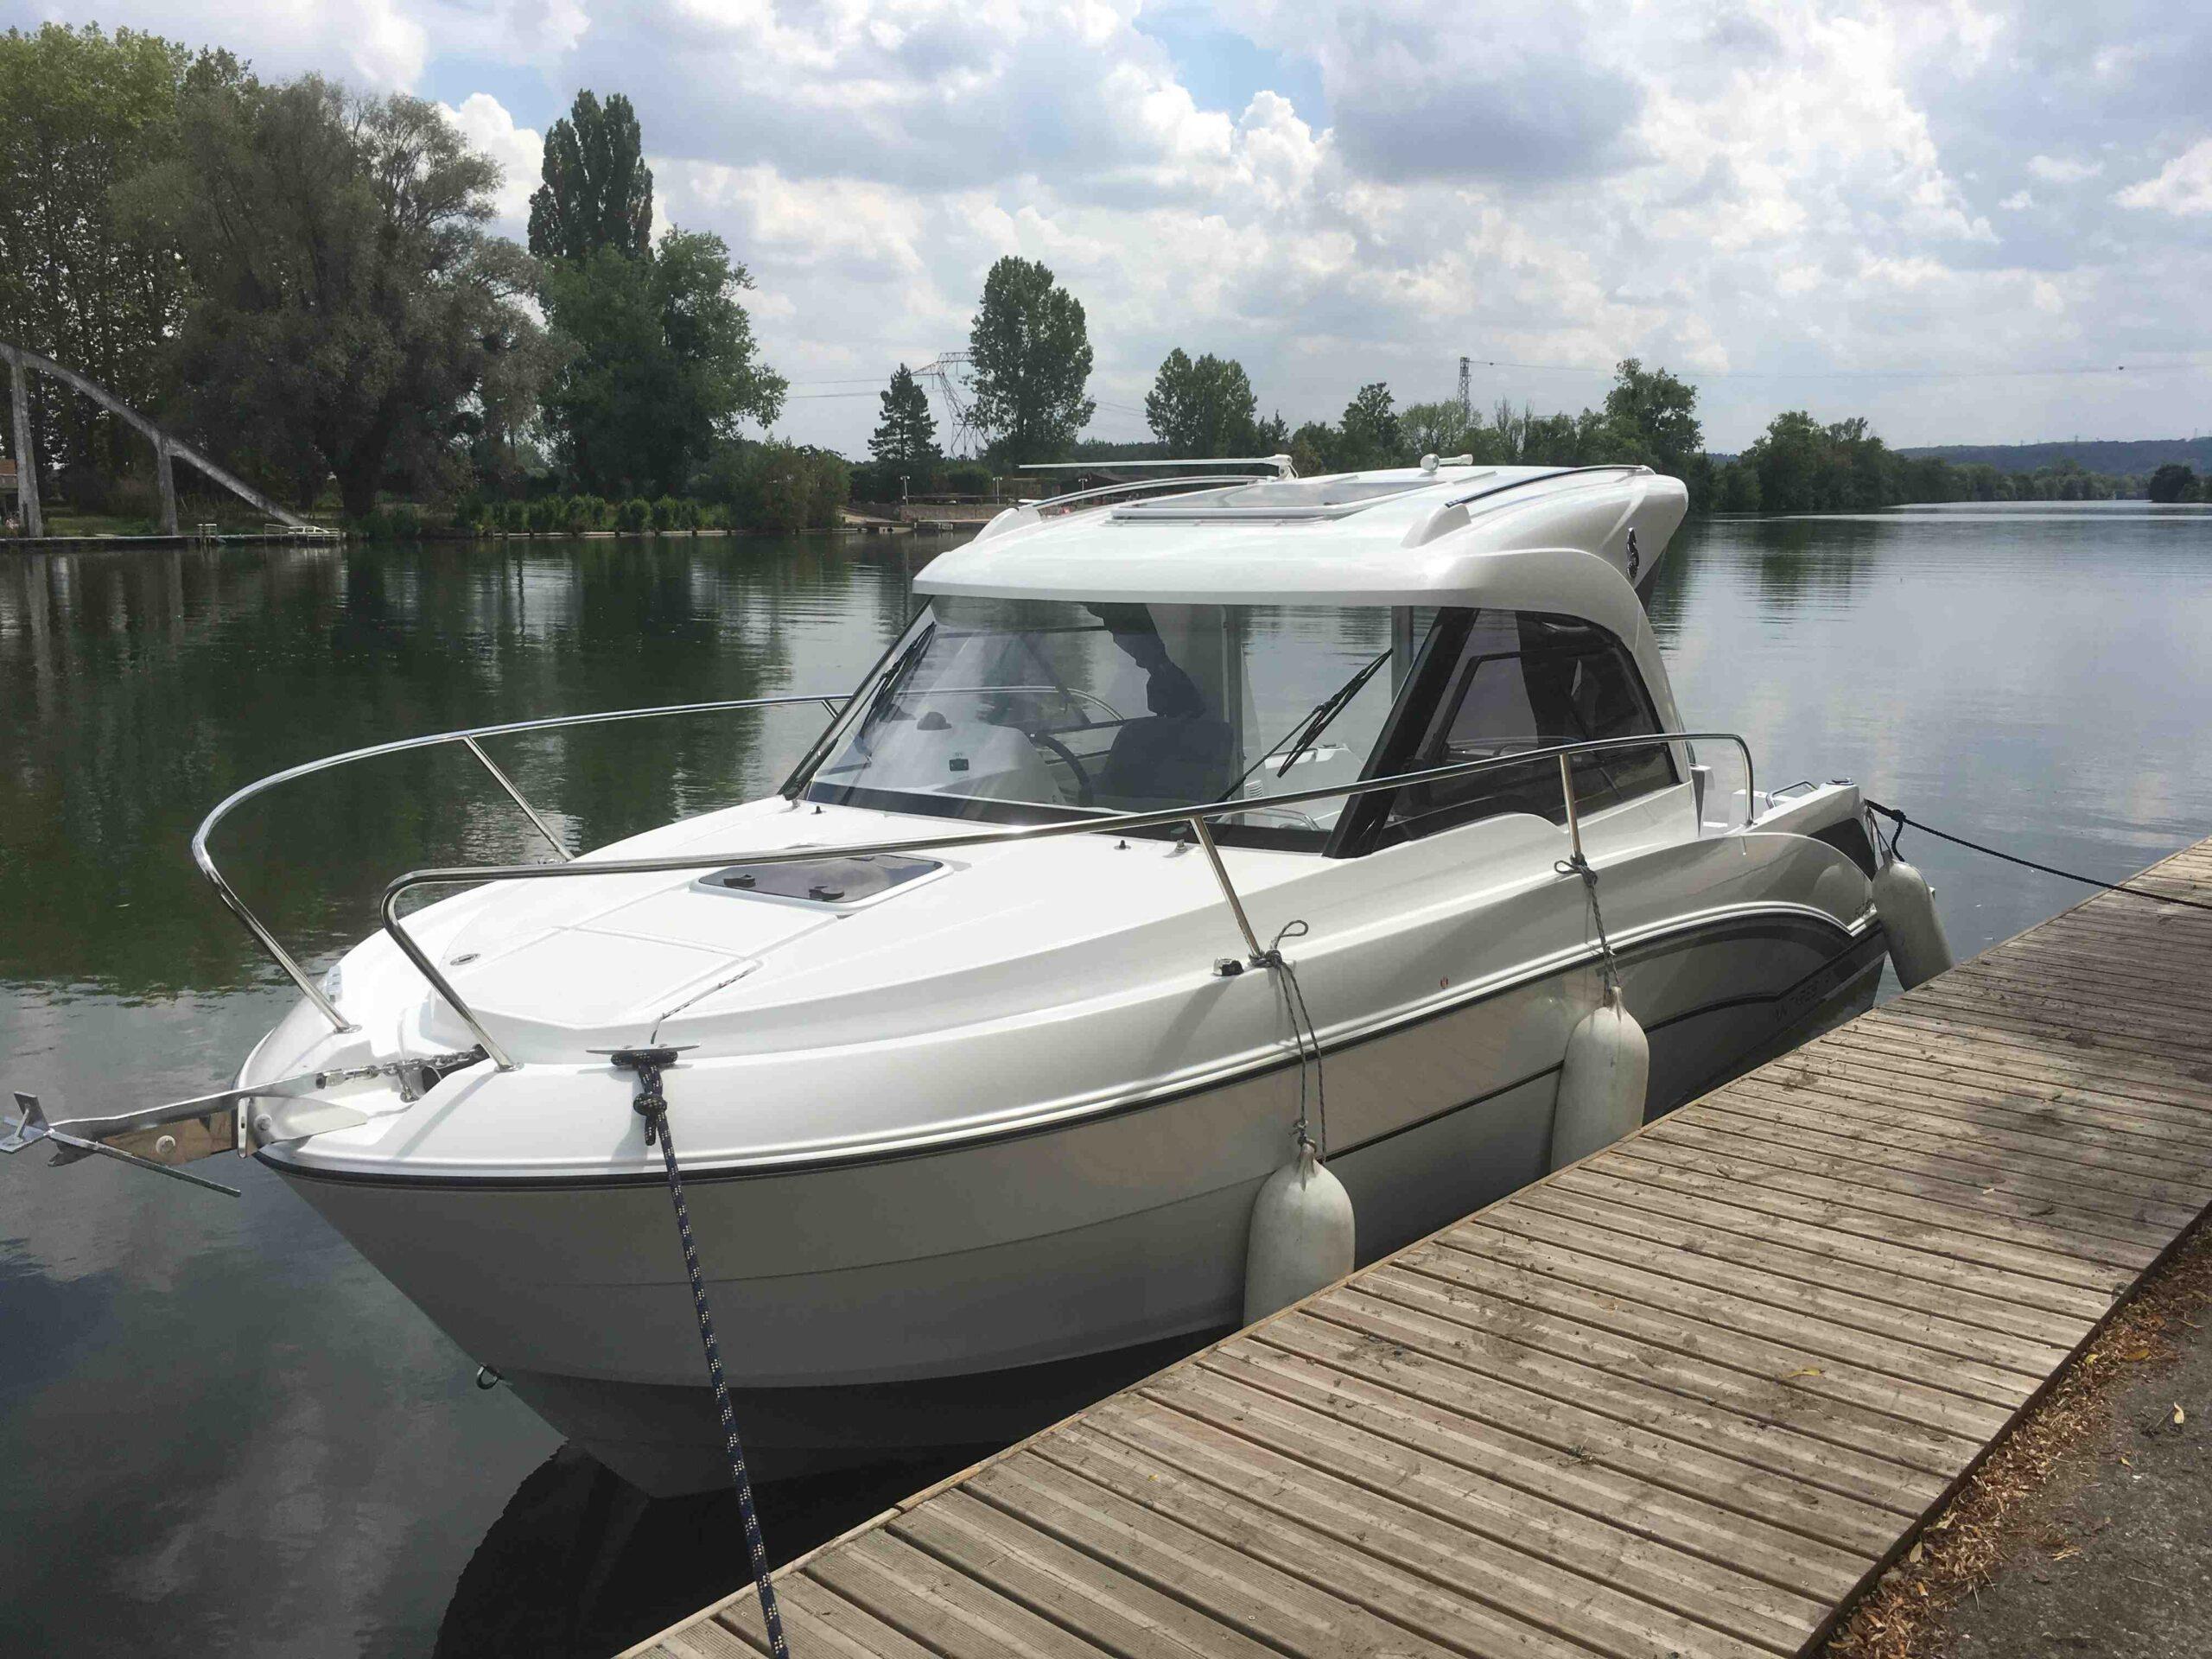 Puis-je conduire un bateau sans permis de conduire?